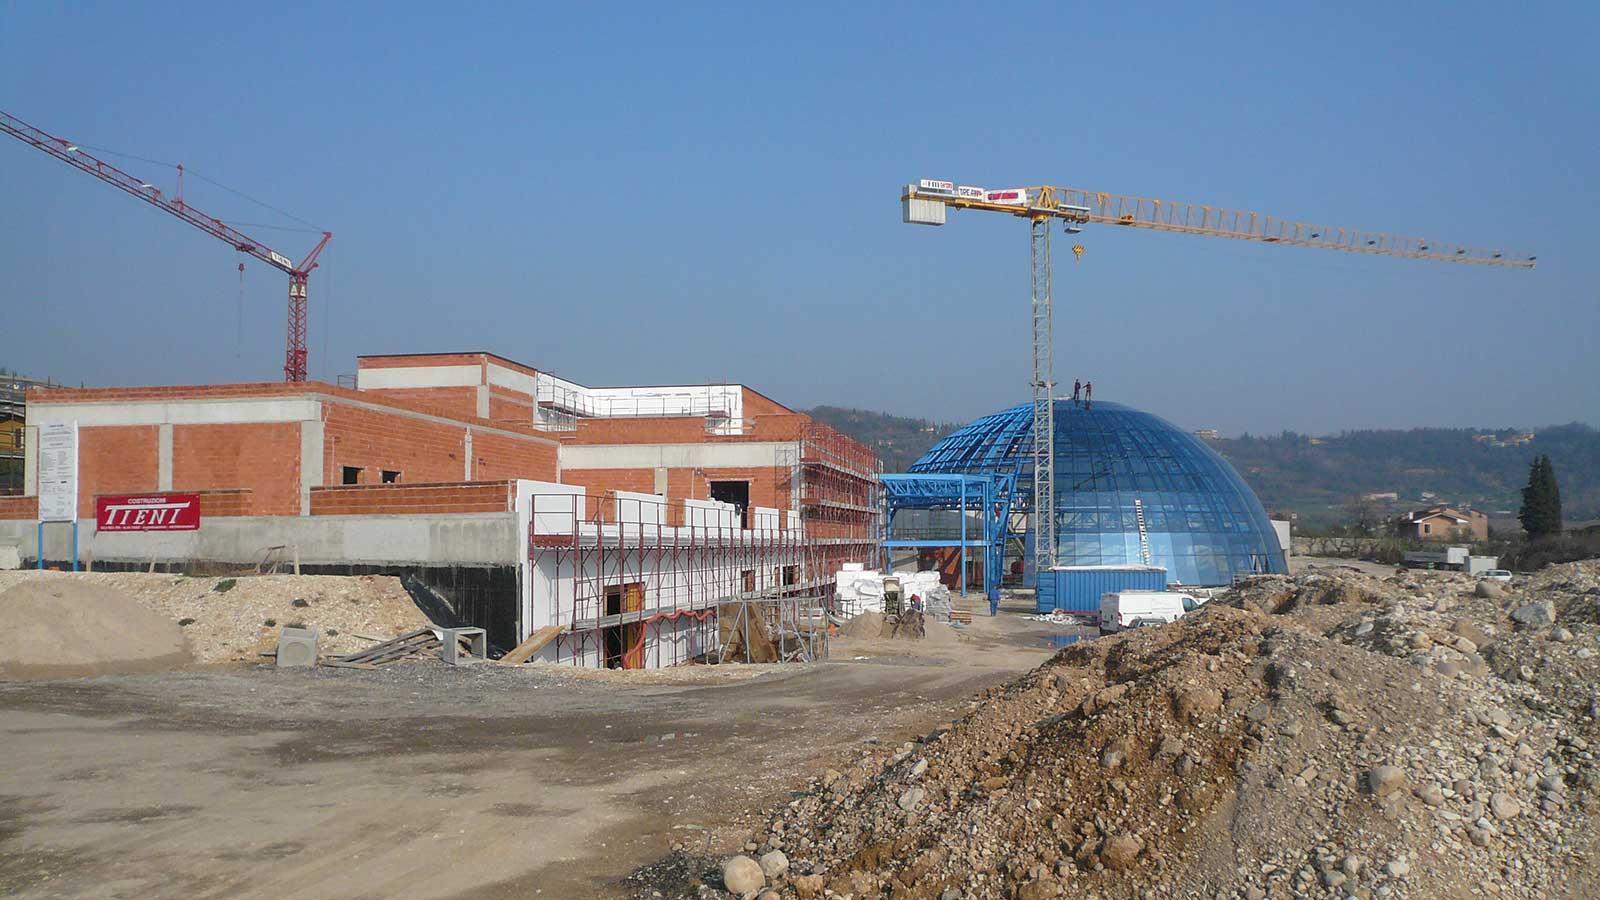 Costruzioni Tieni 1836 Srl | Lavori di realizzazione di un acquapark per il Comune di Garda